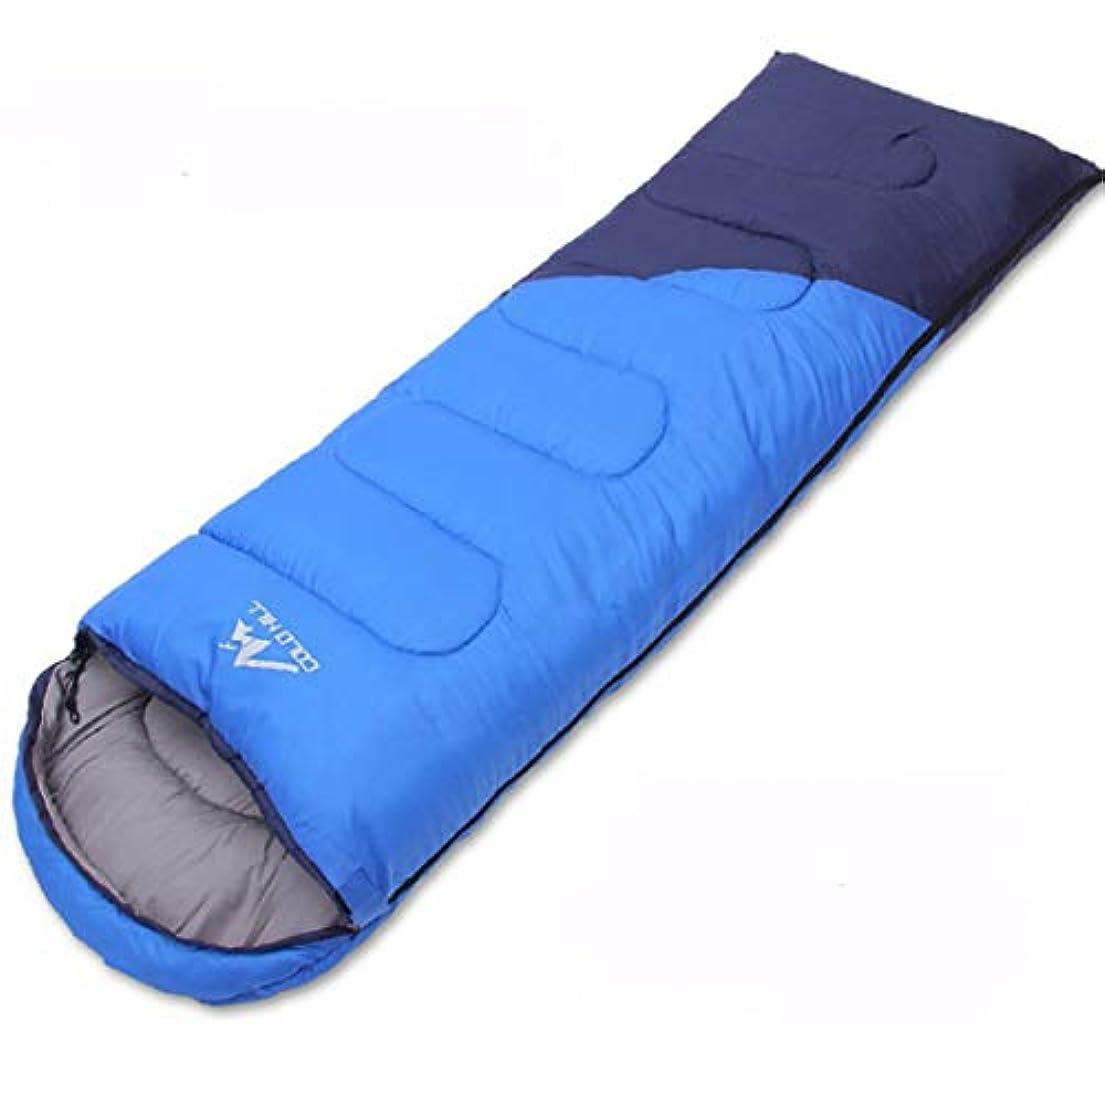 何リズミカルなこだわりNekovan 大人のコットンの寝袋四季ユニバーサル寝袋は、緑のステッチができる